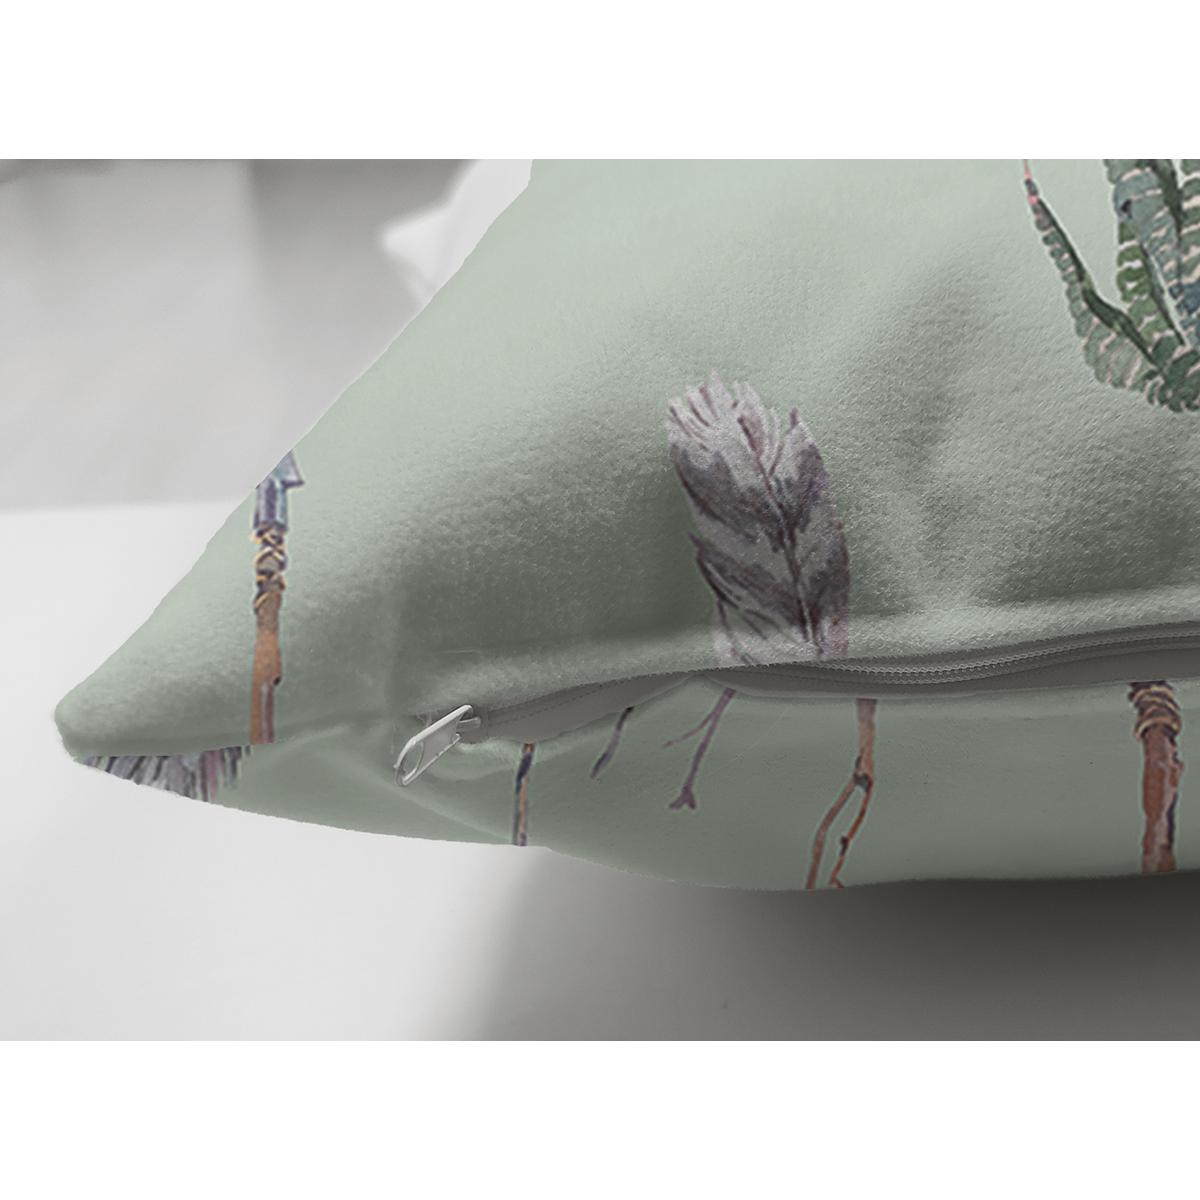 Çift Taraflı Renkli Zemin Üzerinde Kaktüs Desenli Dijital Baskılı Modern Süet Yastık Kırlent Kılıfı Realhomes